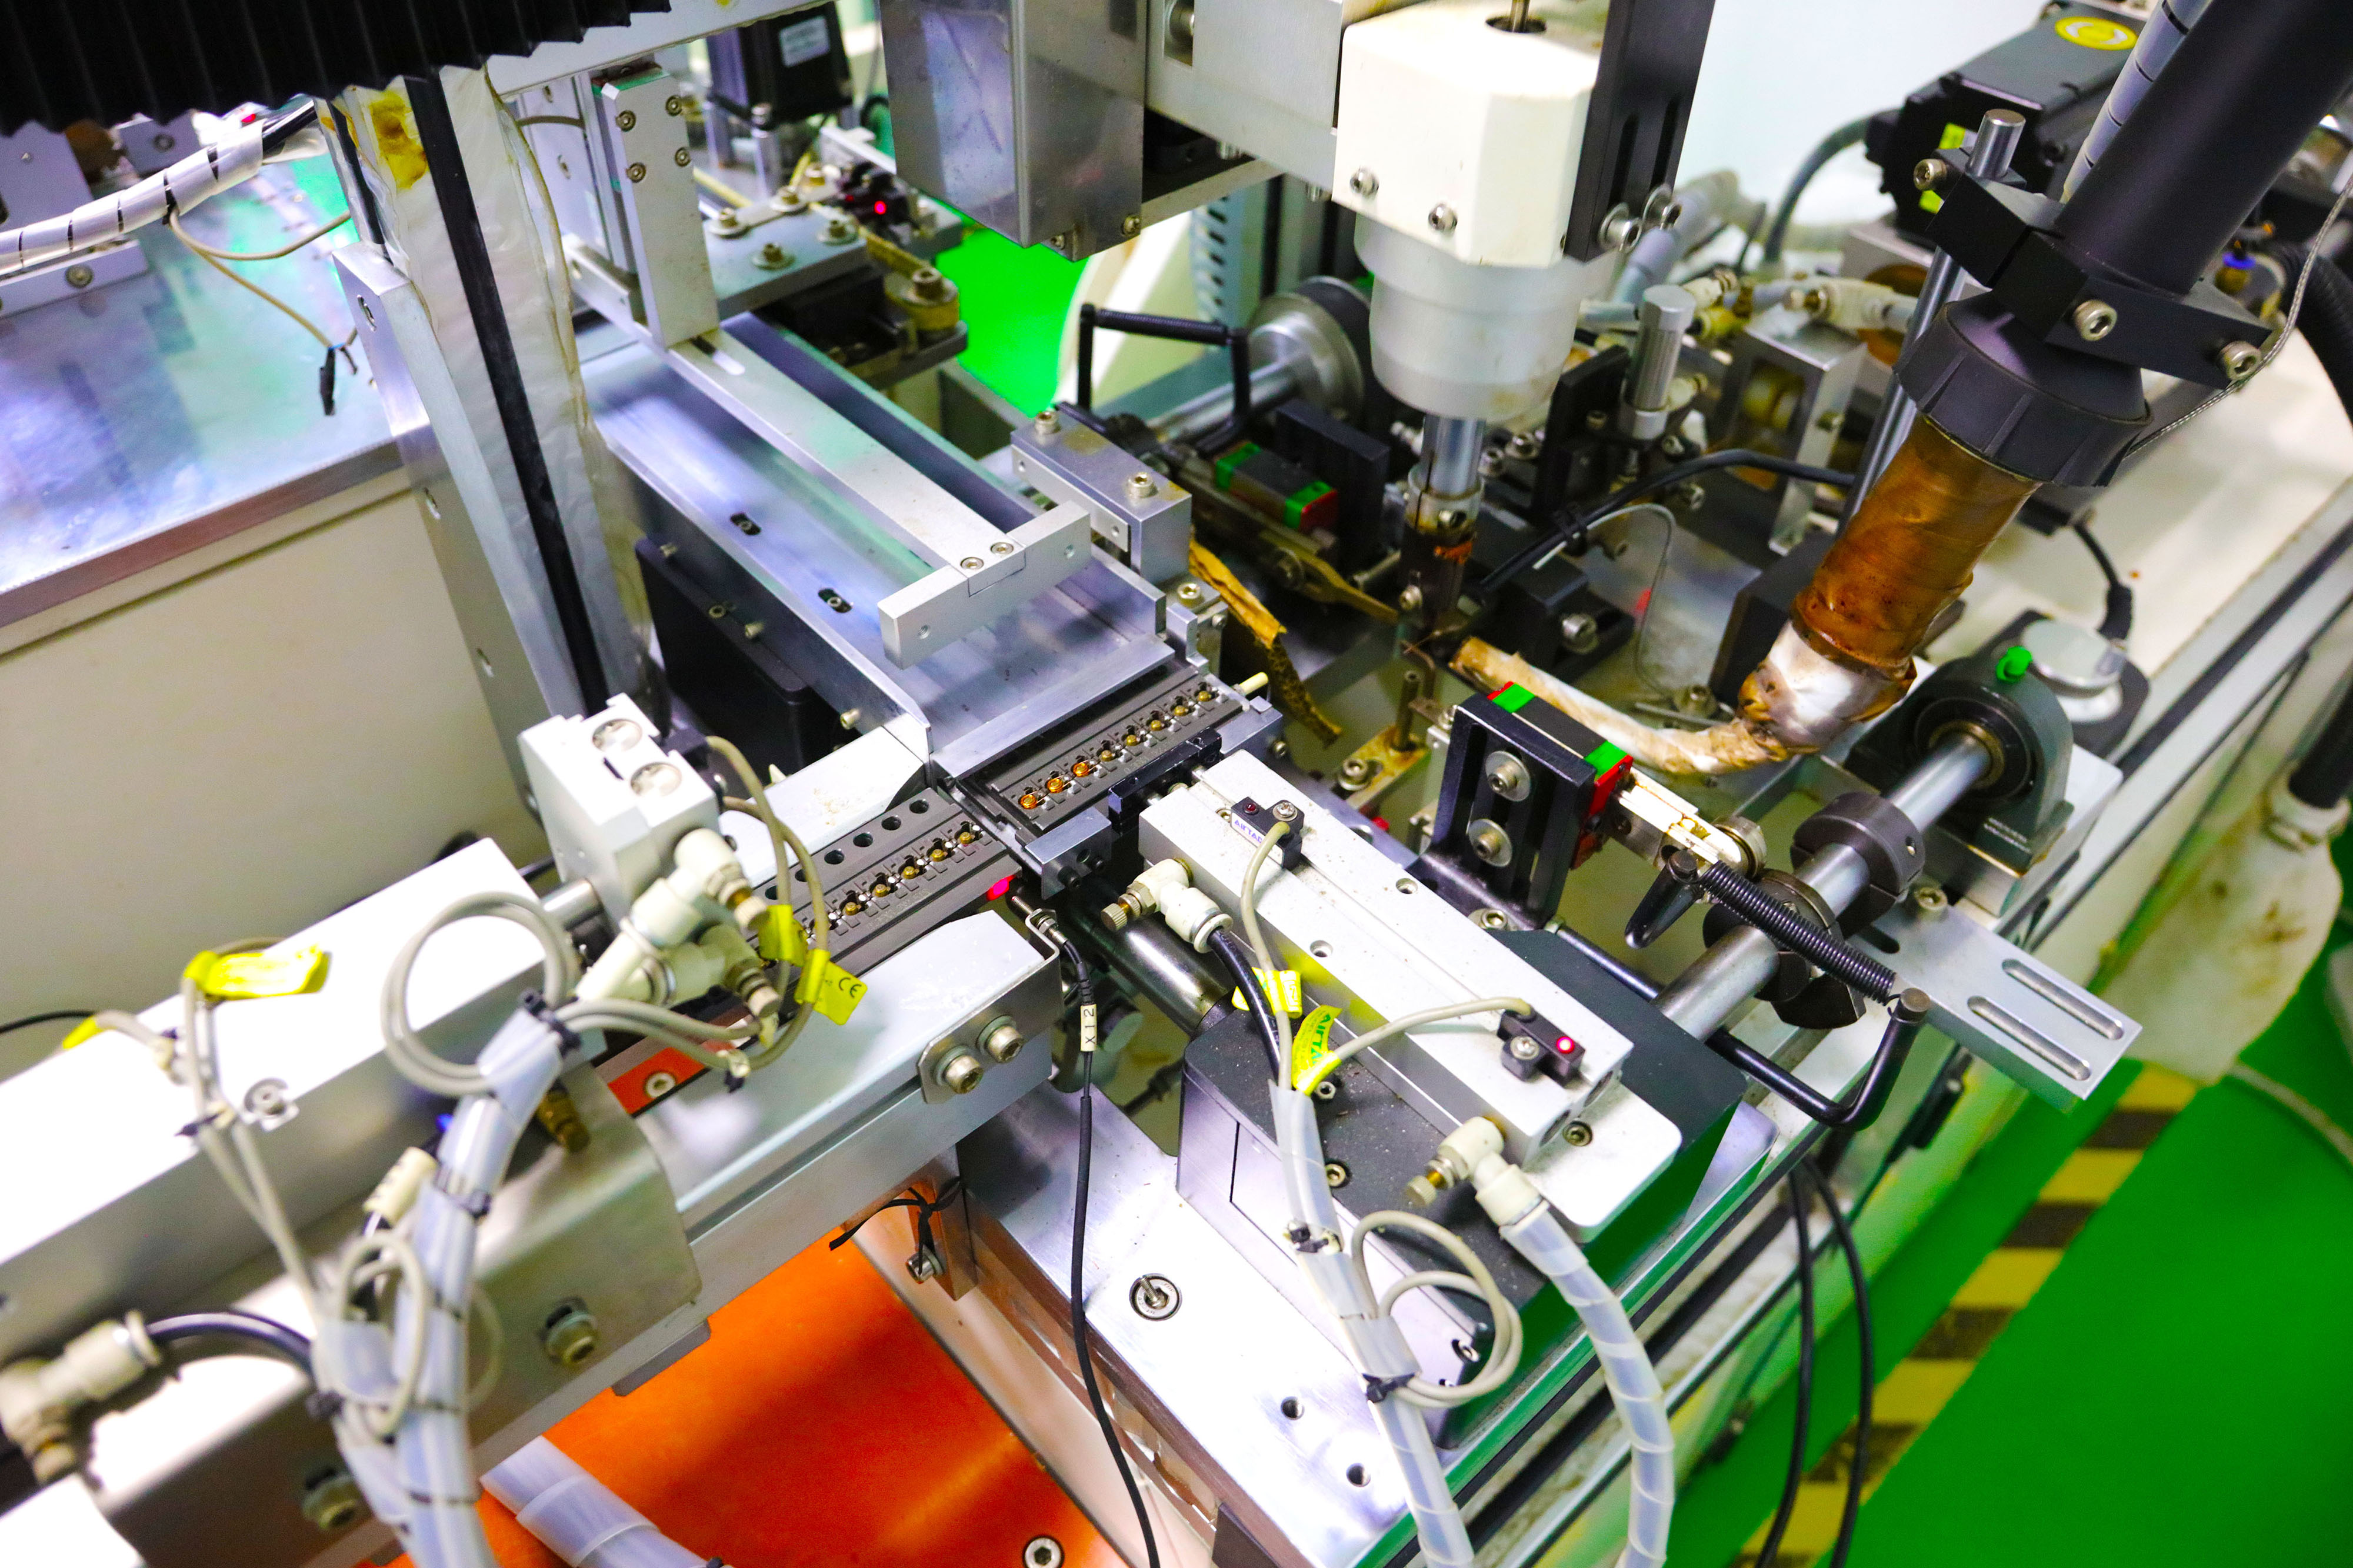 优德-全球高端贴片功率电感制造商!10余年致力于电感全方位解决方案!